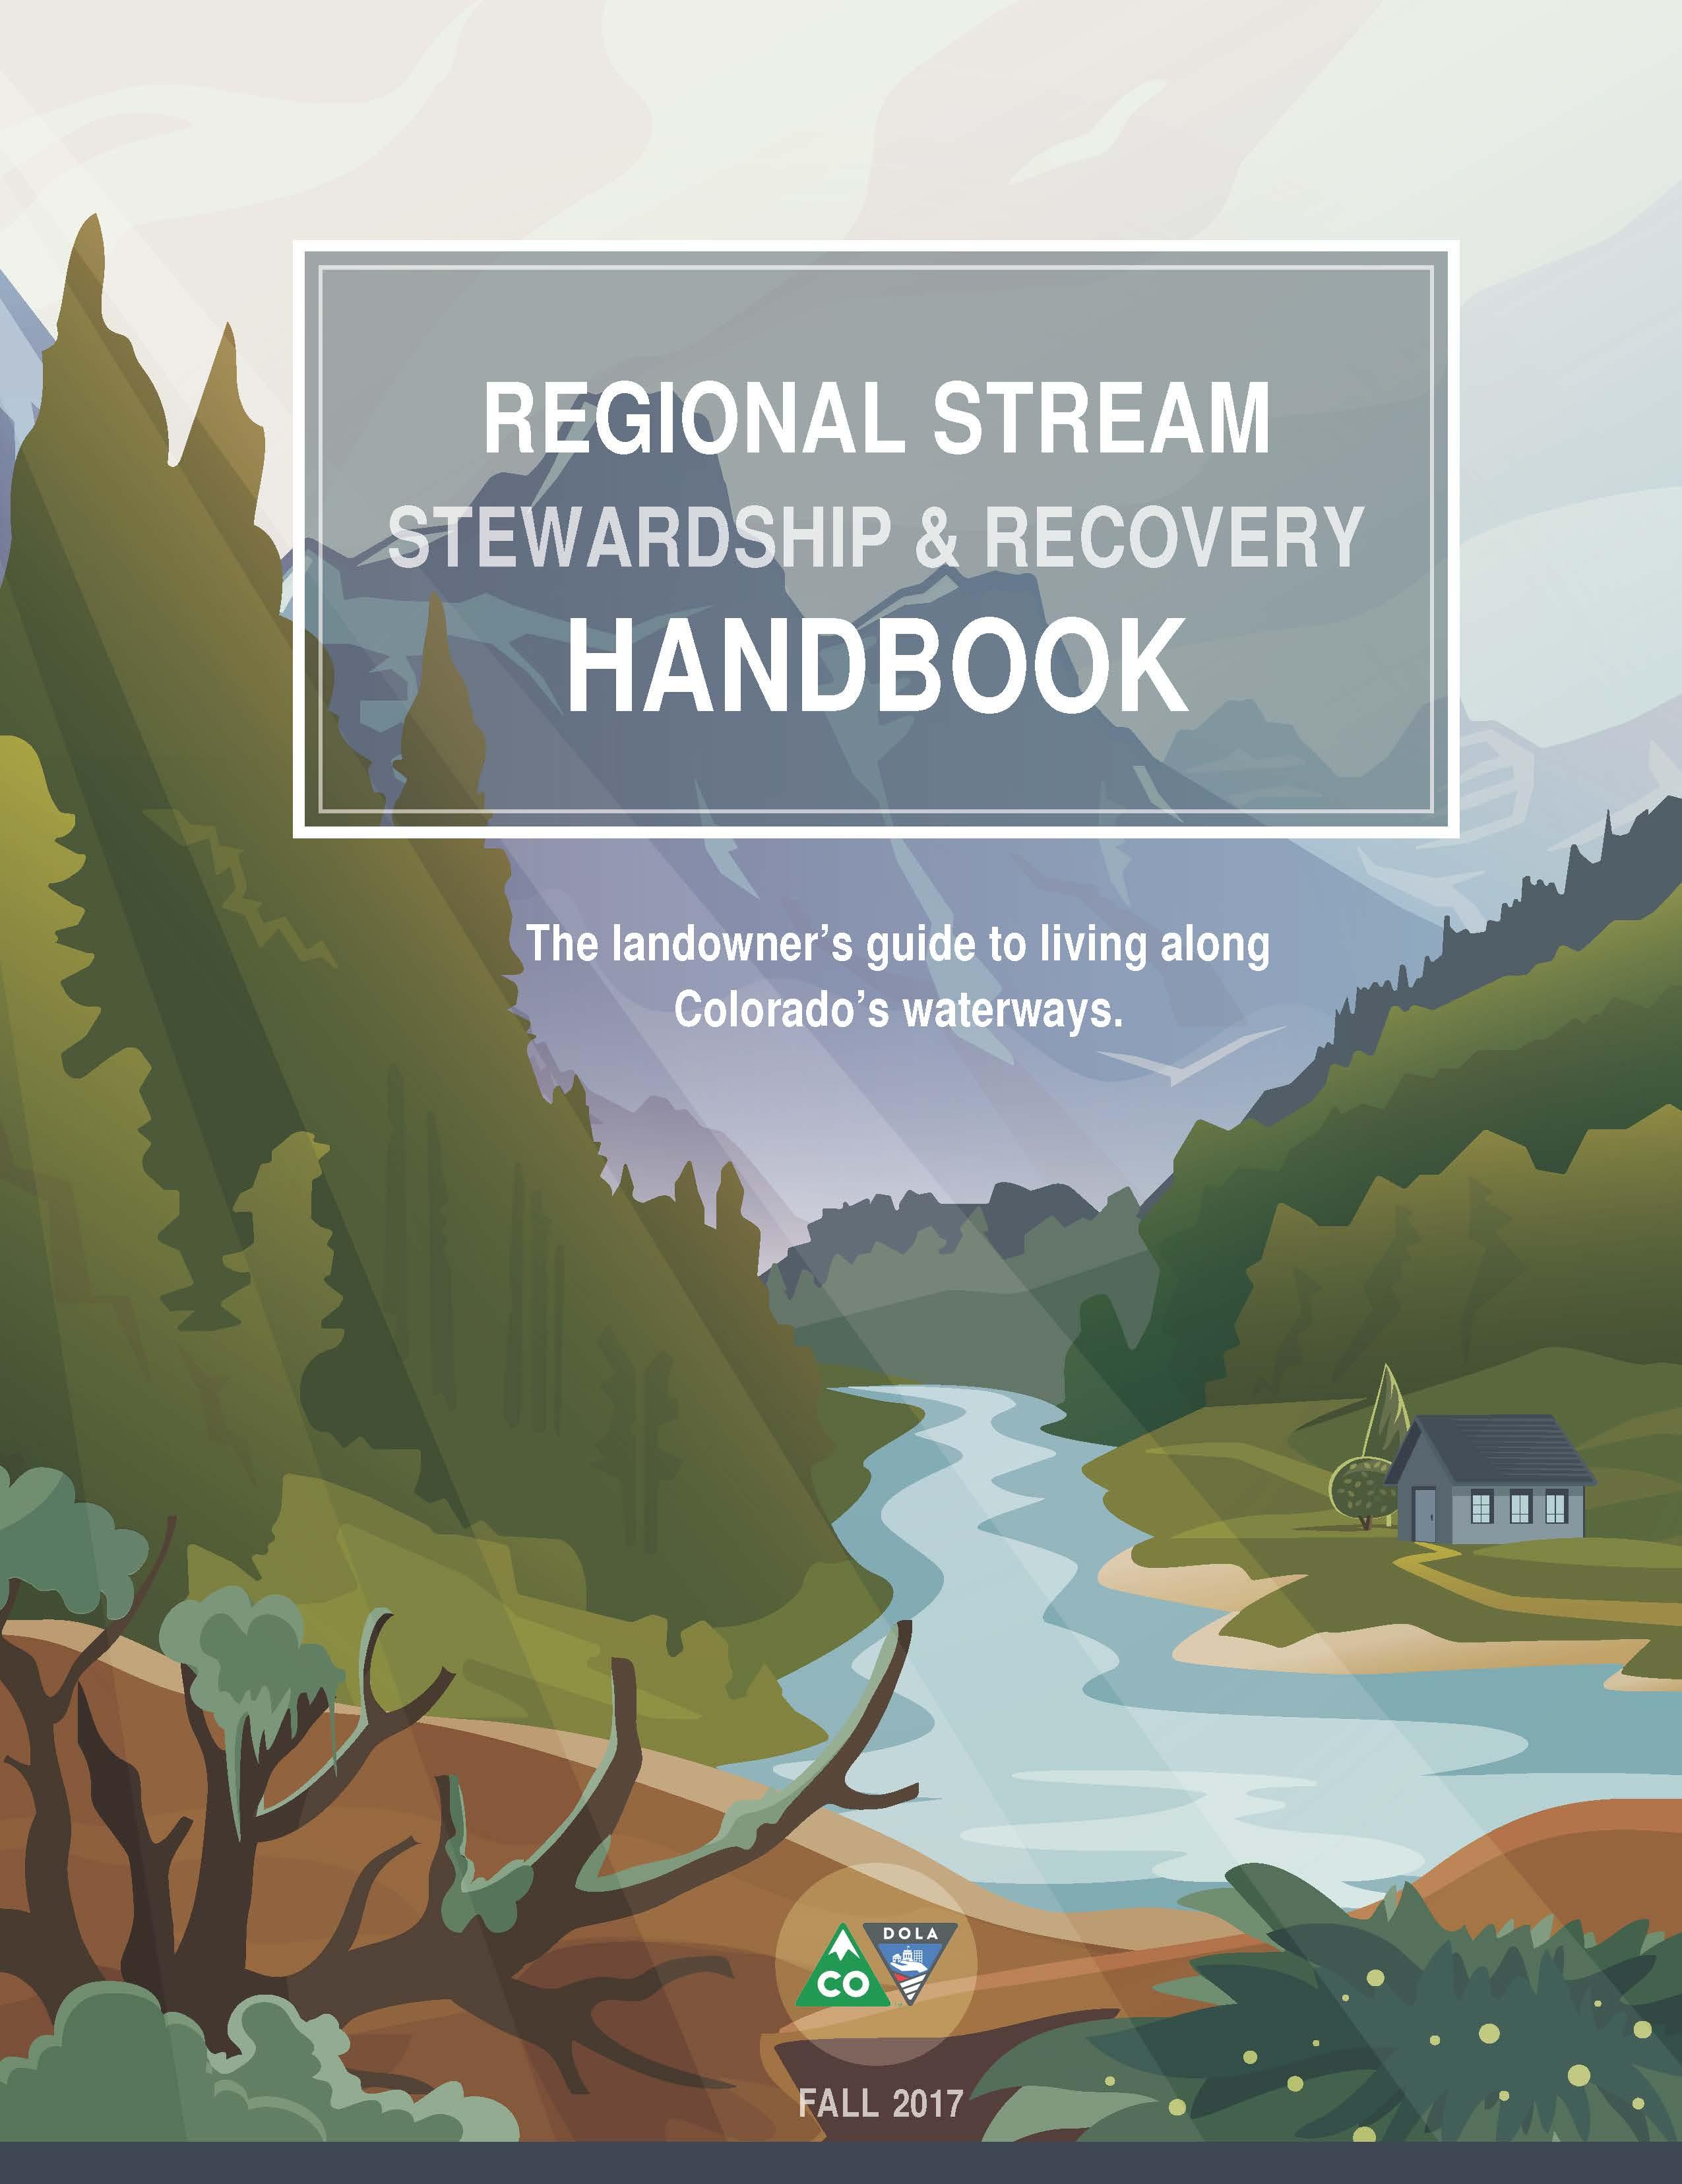 Regional Stream Stewardship Handbook